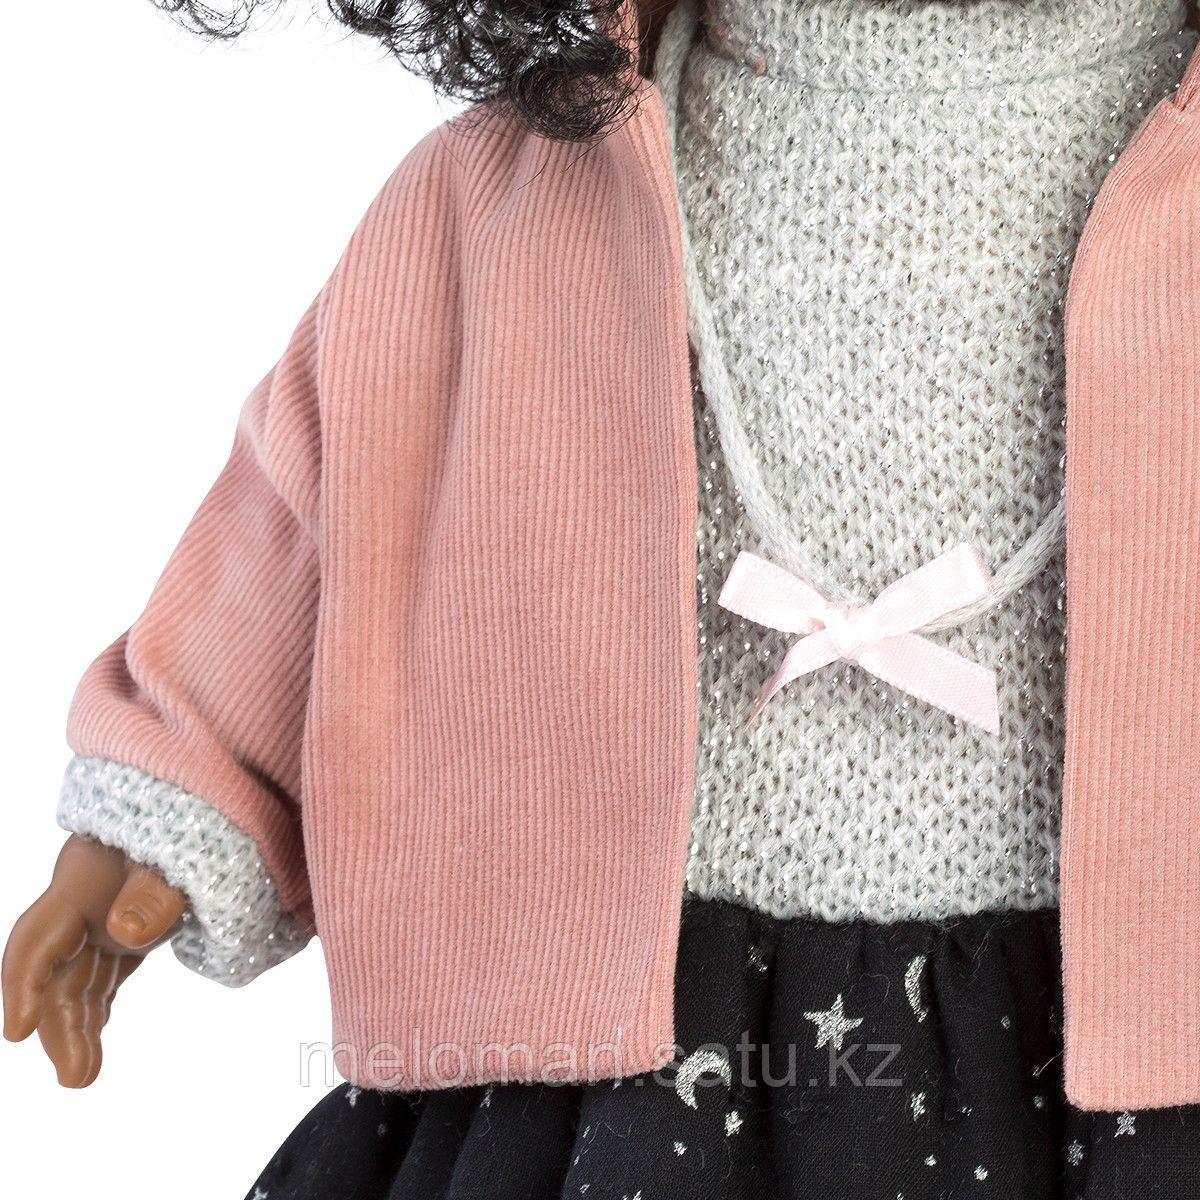 LLORENS: Кукла Зури 35см, мулатка в розовом жакете и черной кружевной юбке - фото 4